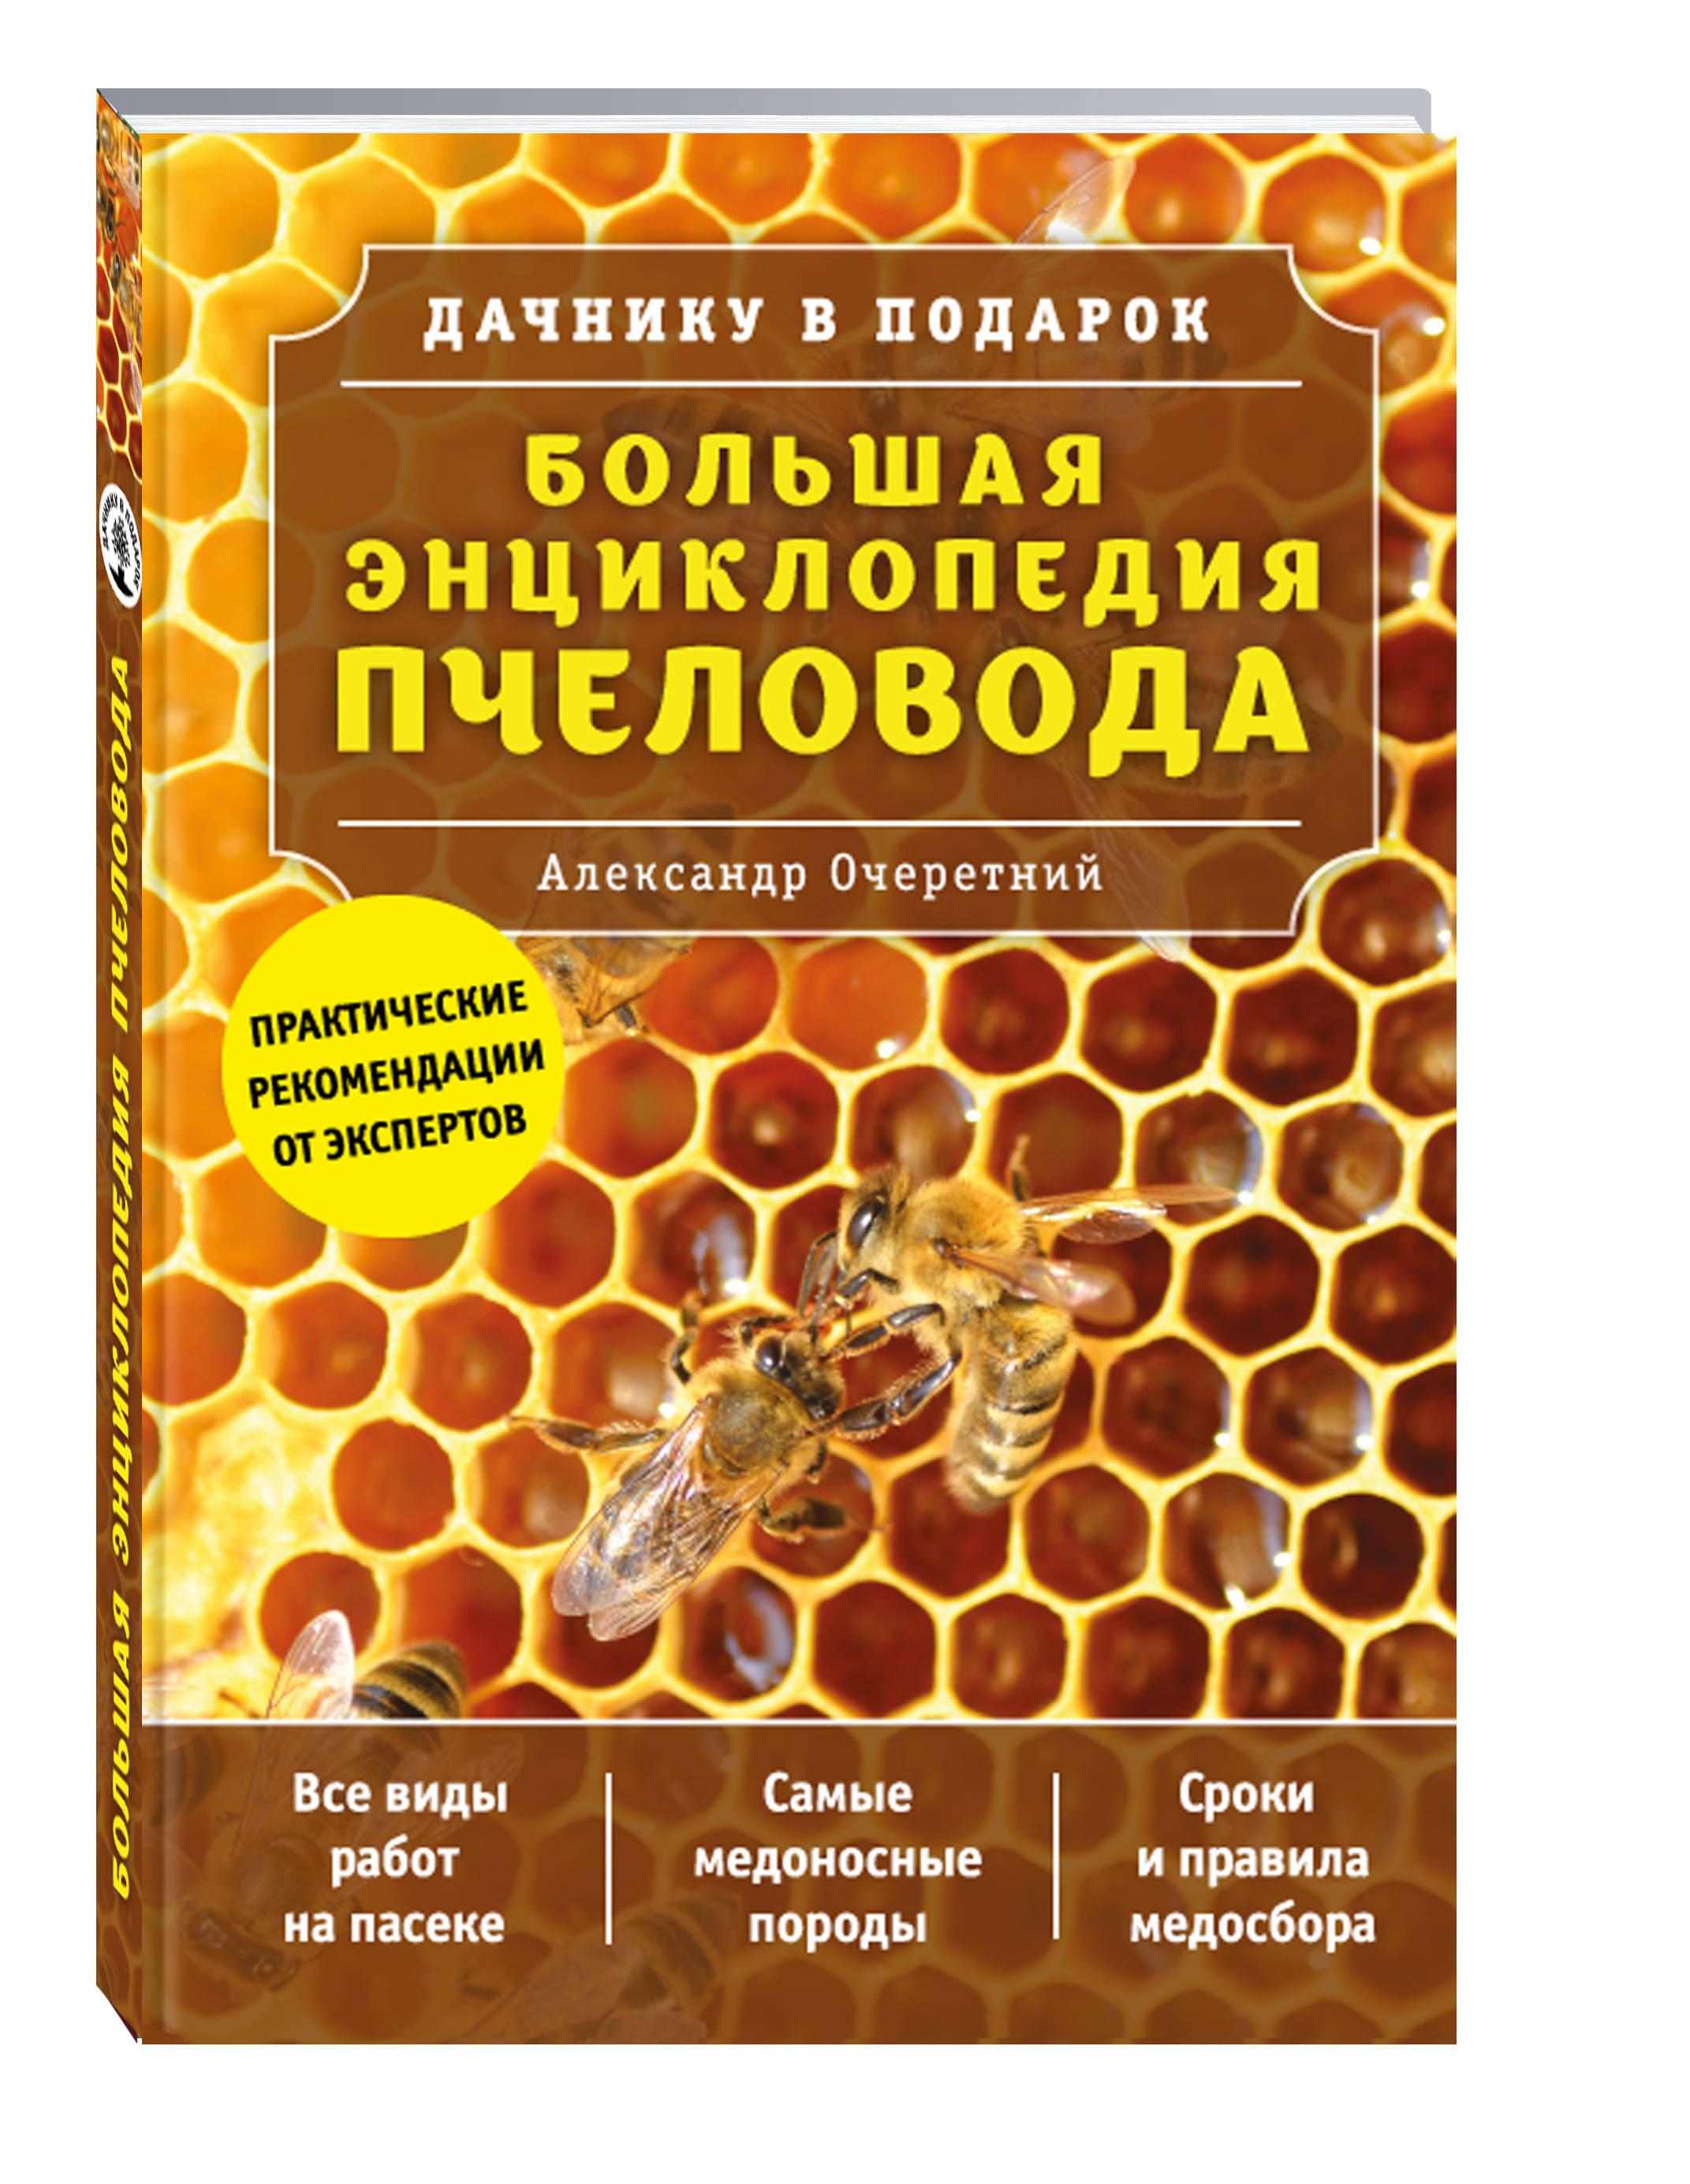 Очеретний А.Д. Большая энциклопедия пчеловода виктор варягин практические рекомендации по океанскому и морскому яхтингу